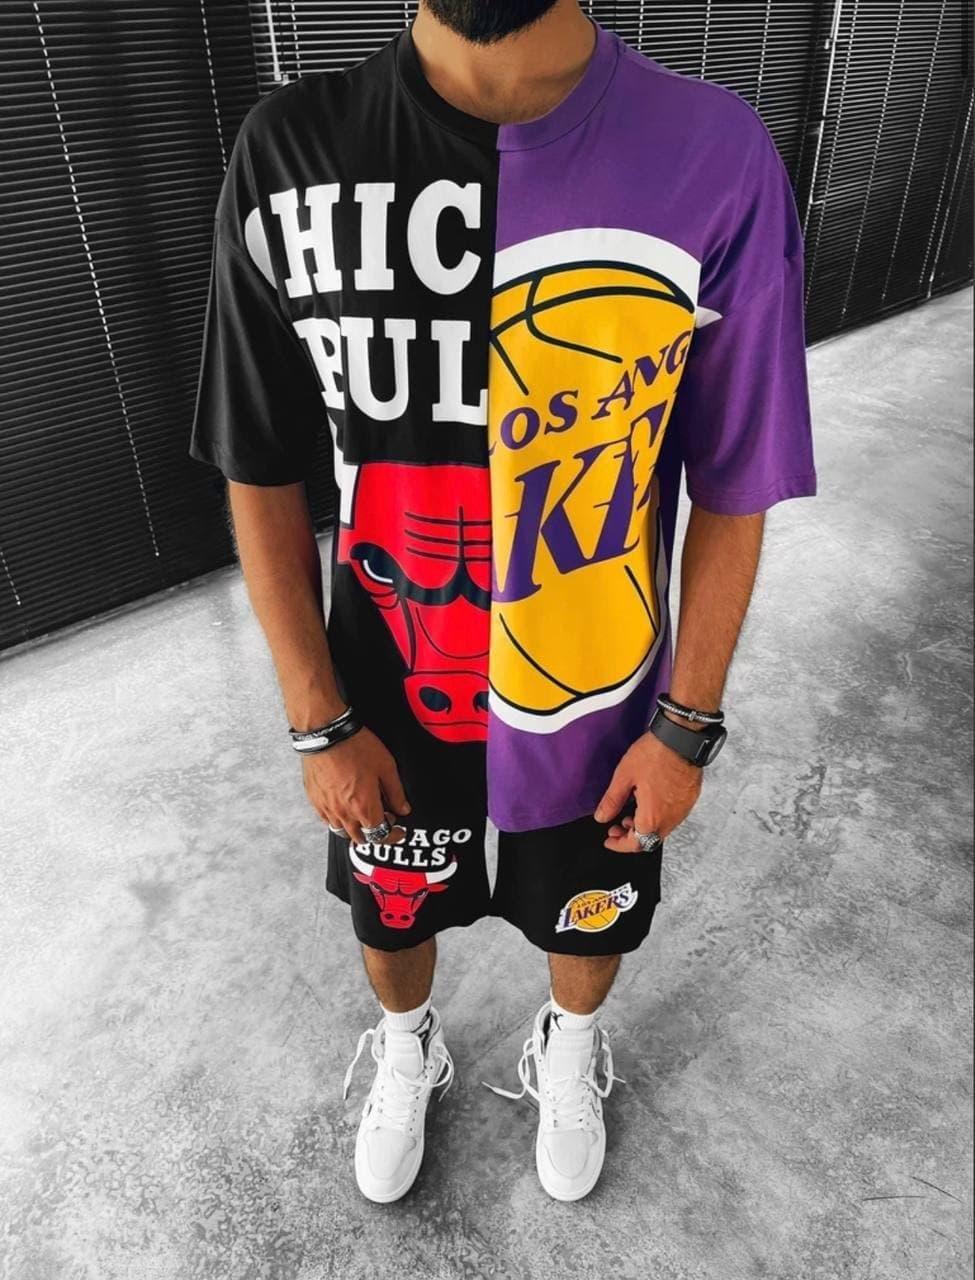 Чоловічий комплект шорти + футболка Chicago bulls і Lakers (чорно-фіолетовий) крутий костюм sk43